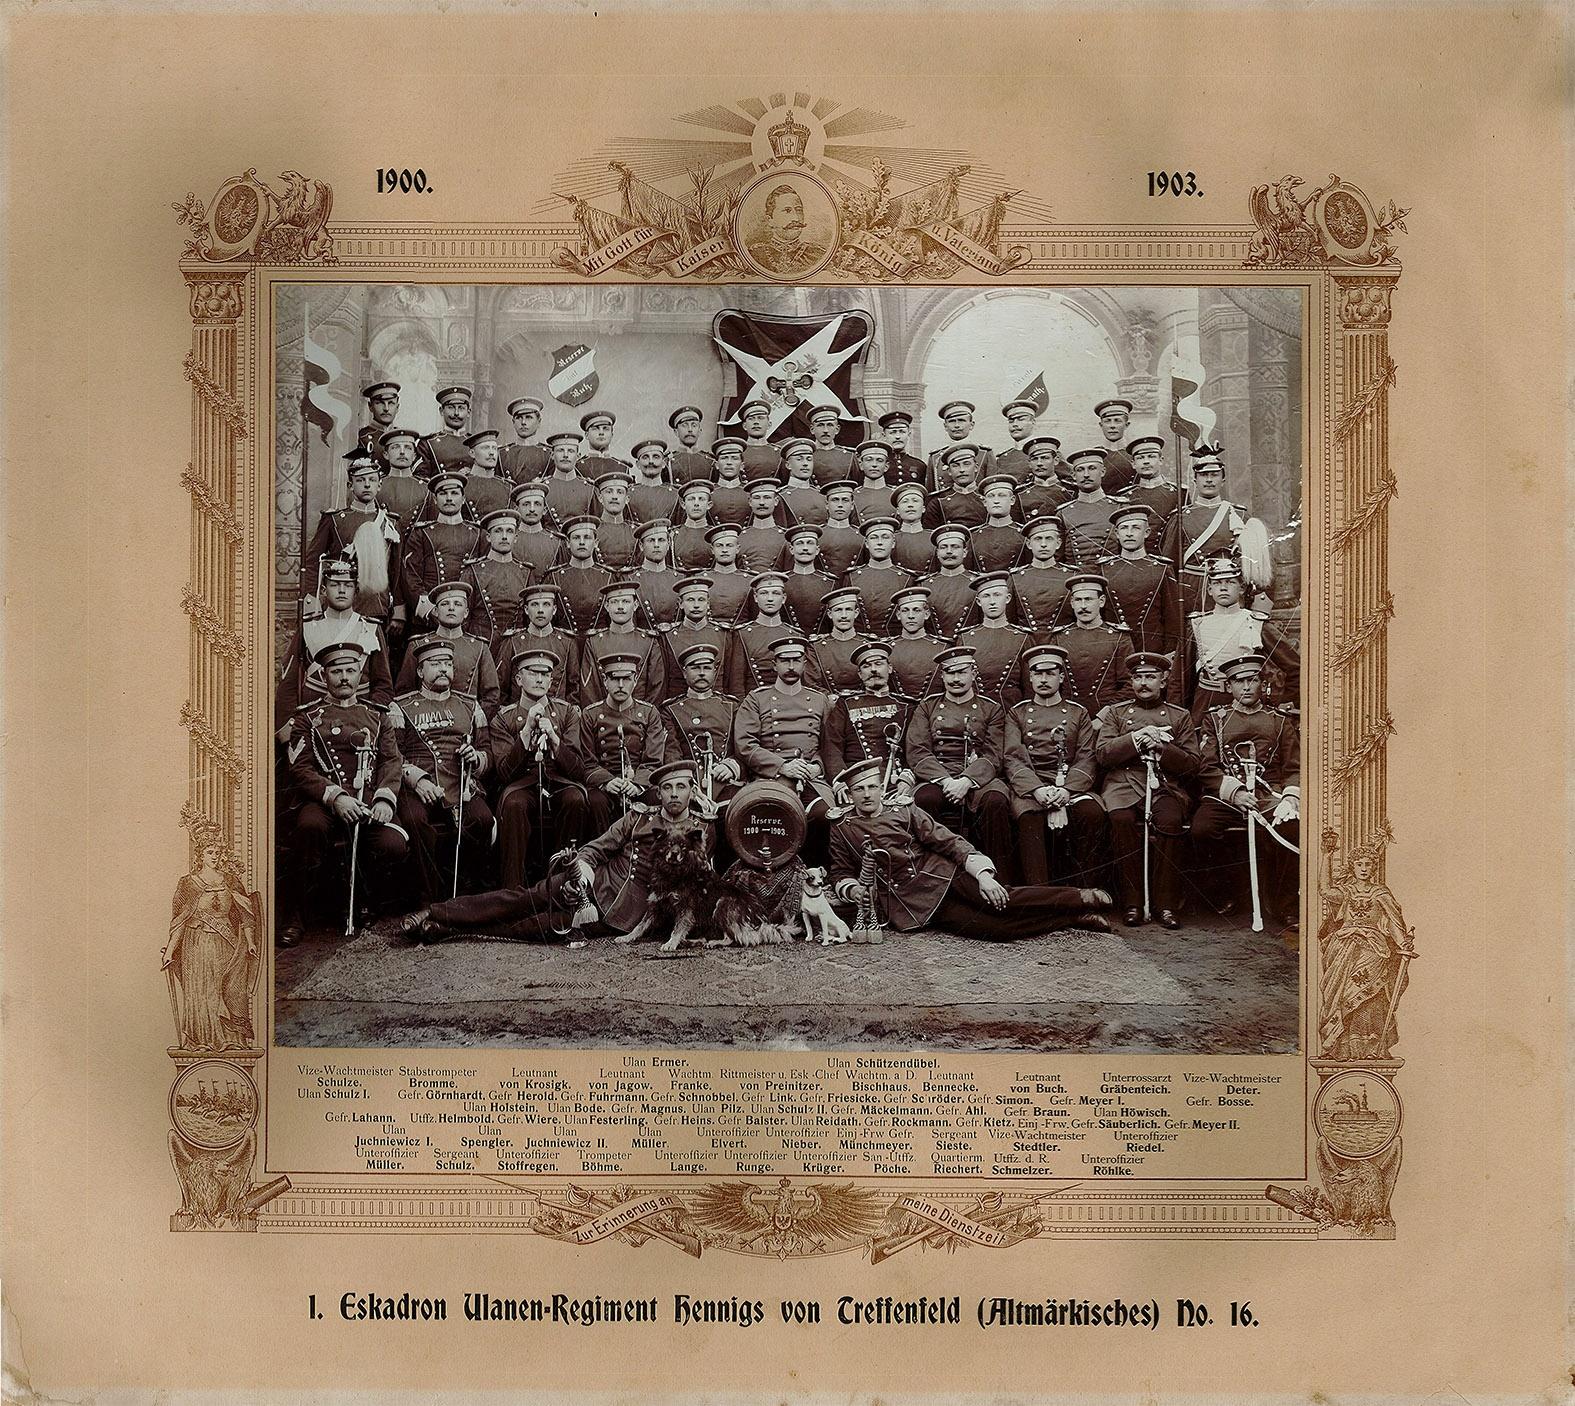 Abbildung zu Objekt Inv.Nr. 4785 von Museum Wolmirstedt